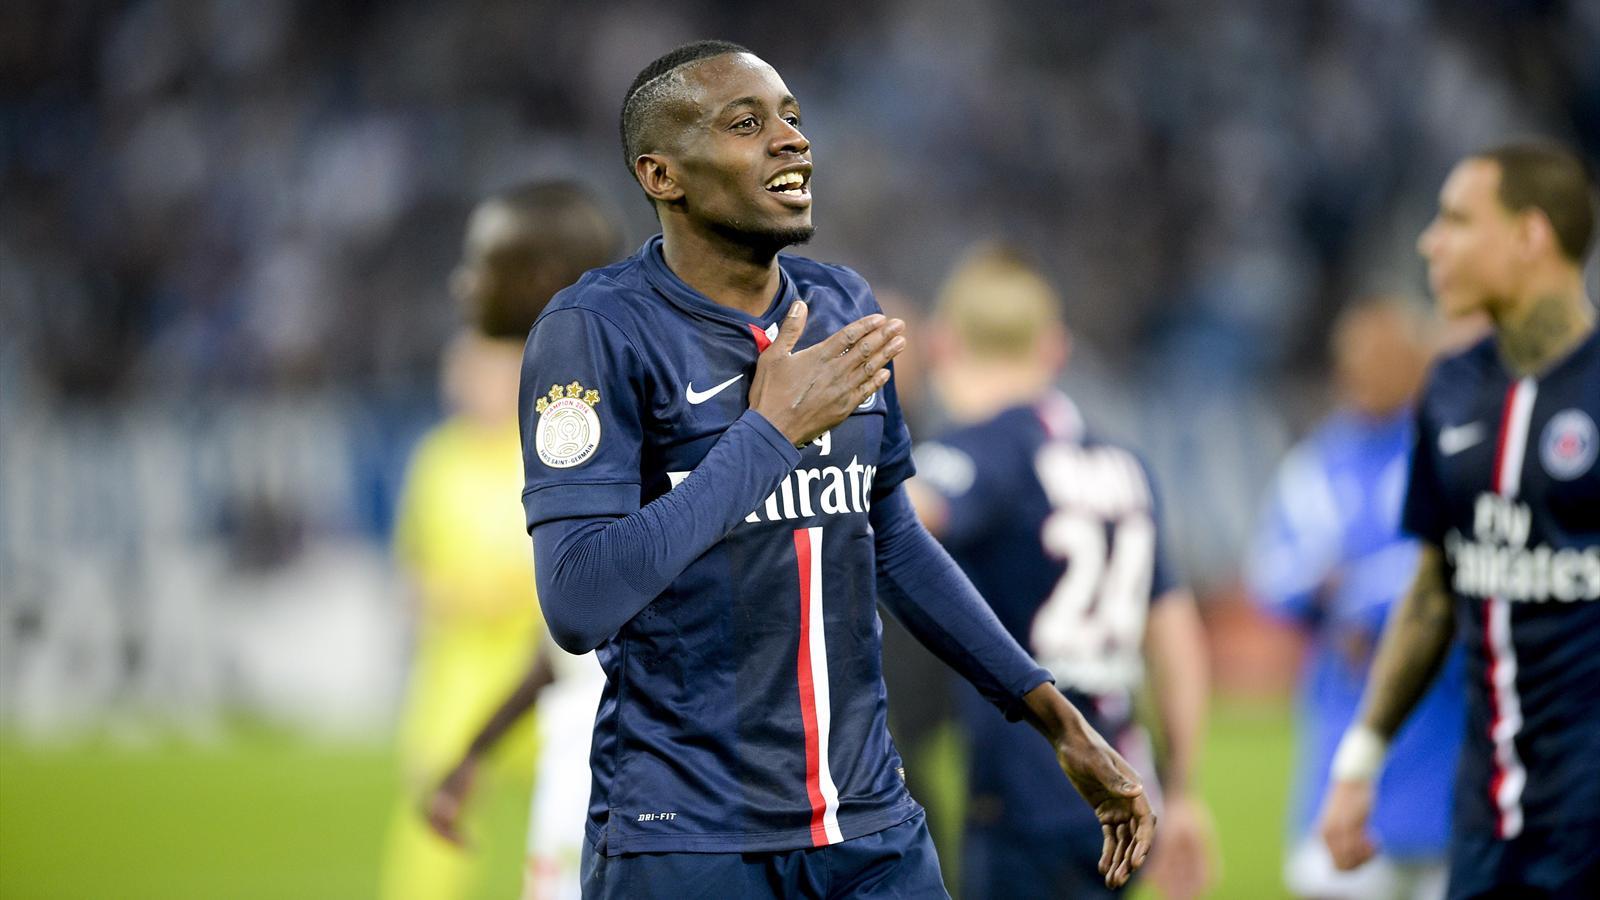 Paris vers le titre de champion, Bordeaux seul 6ème et Evian relégué à la pause